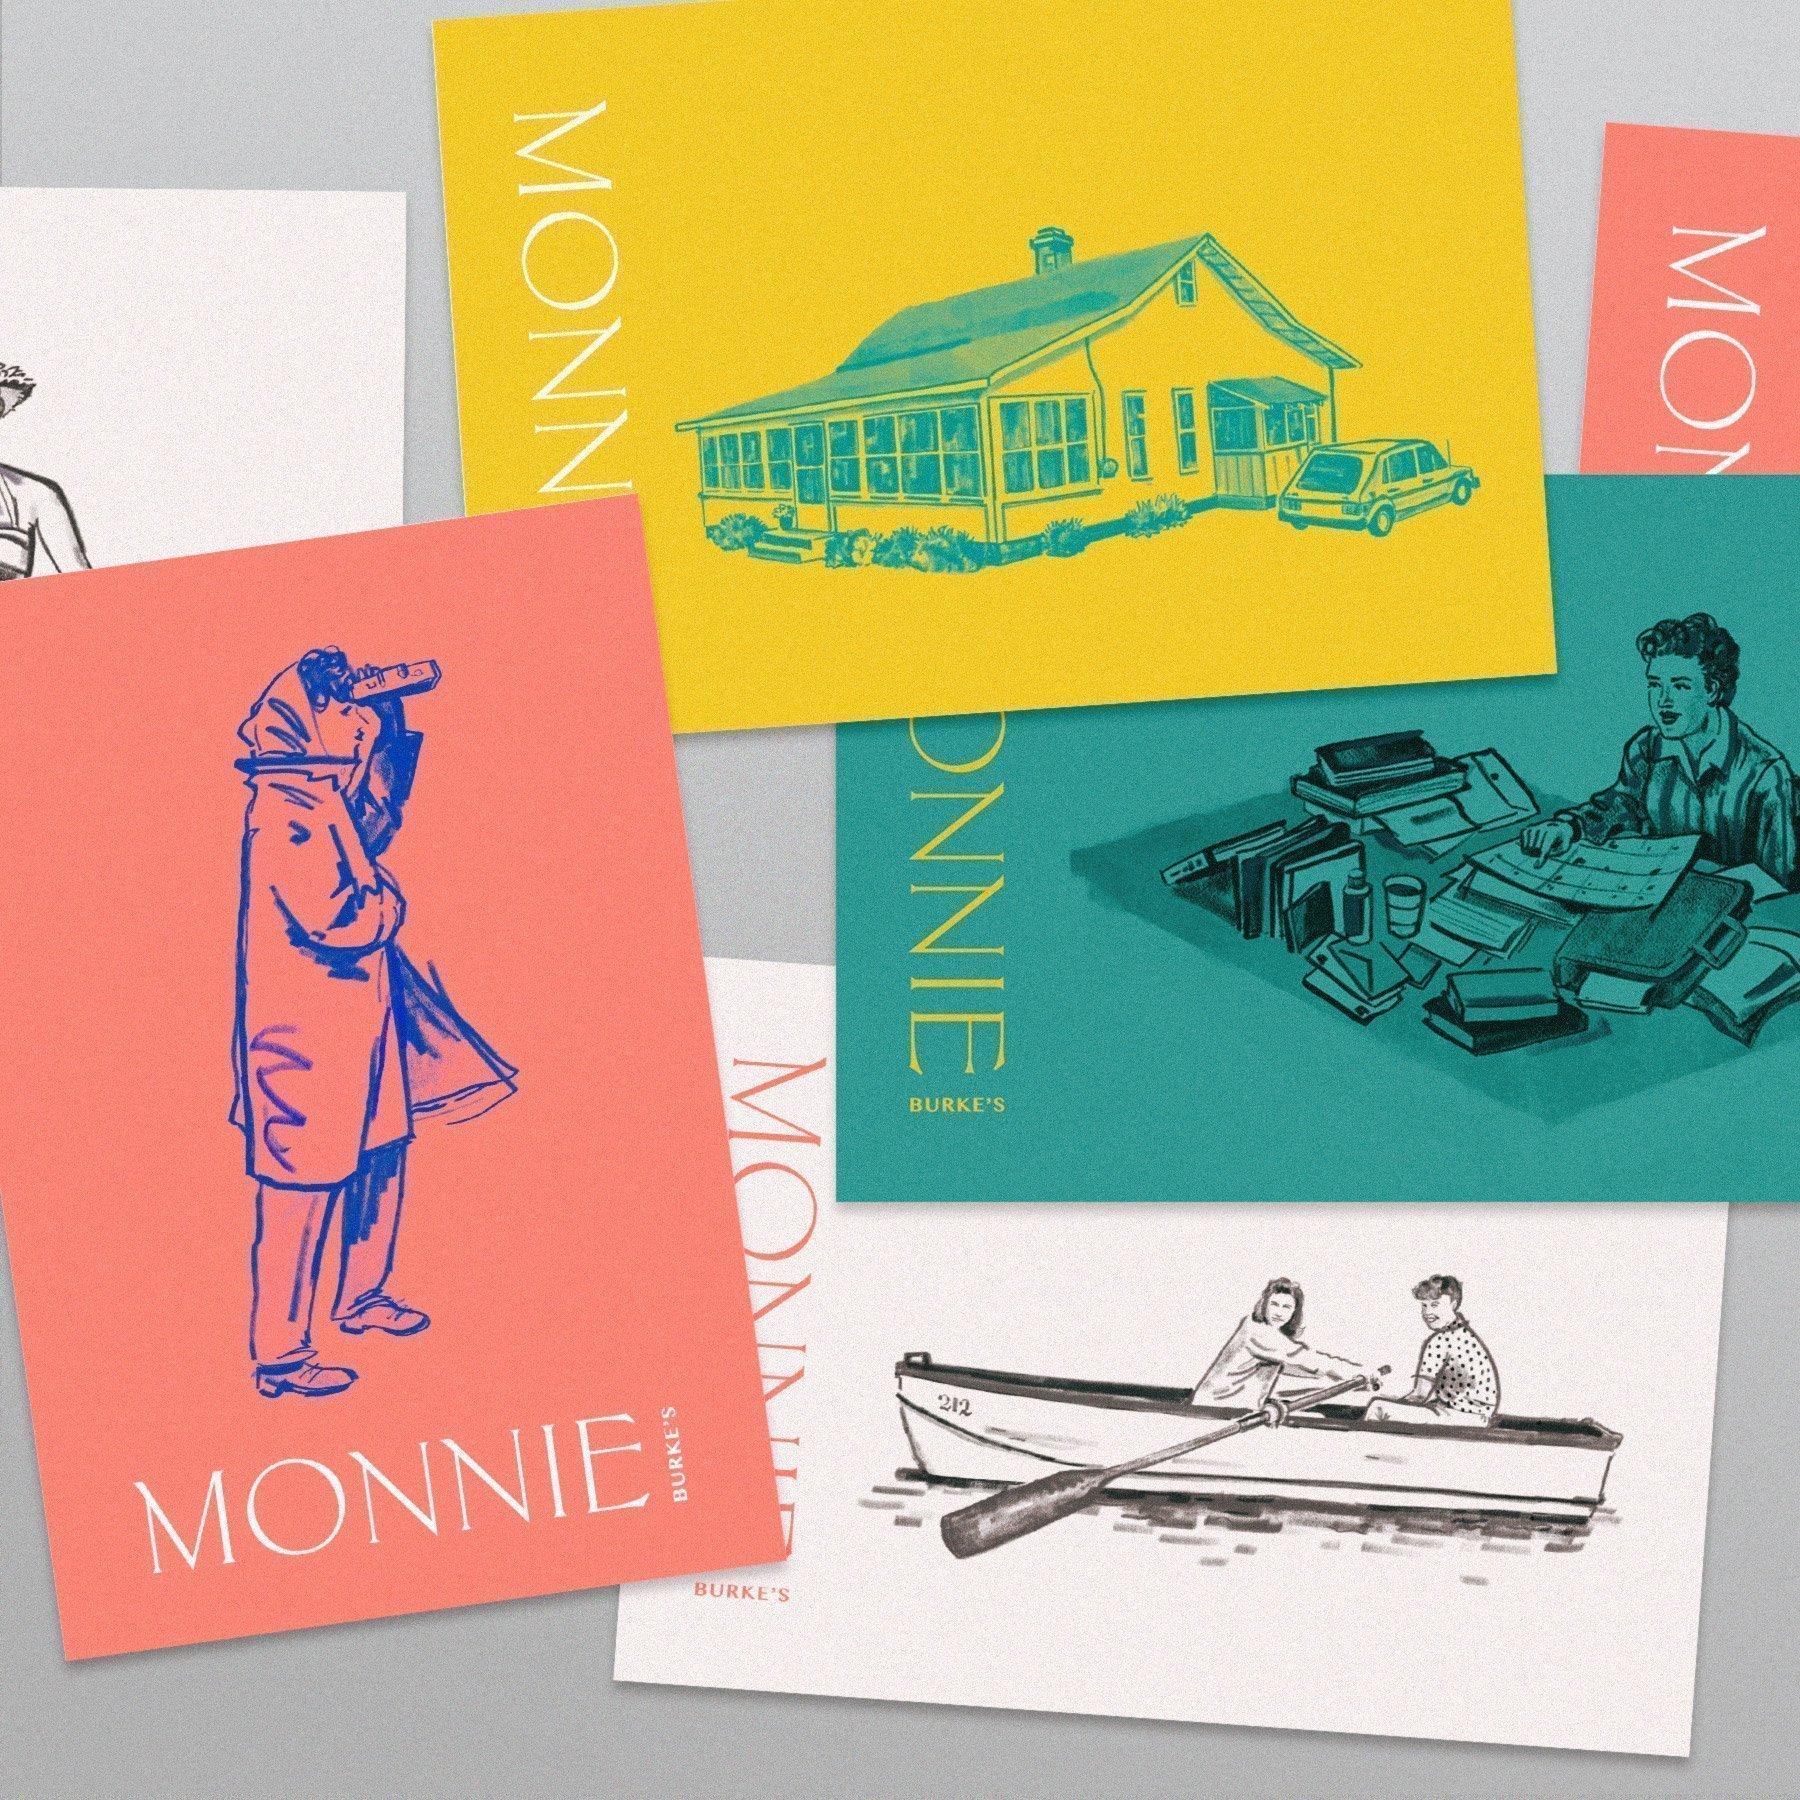 Monnie Burke's